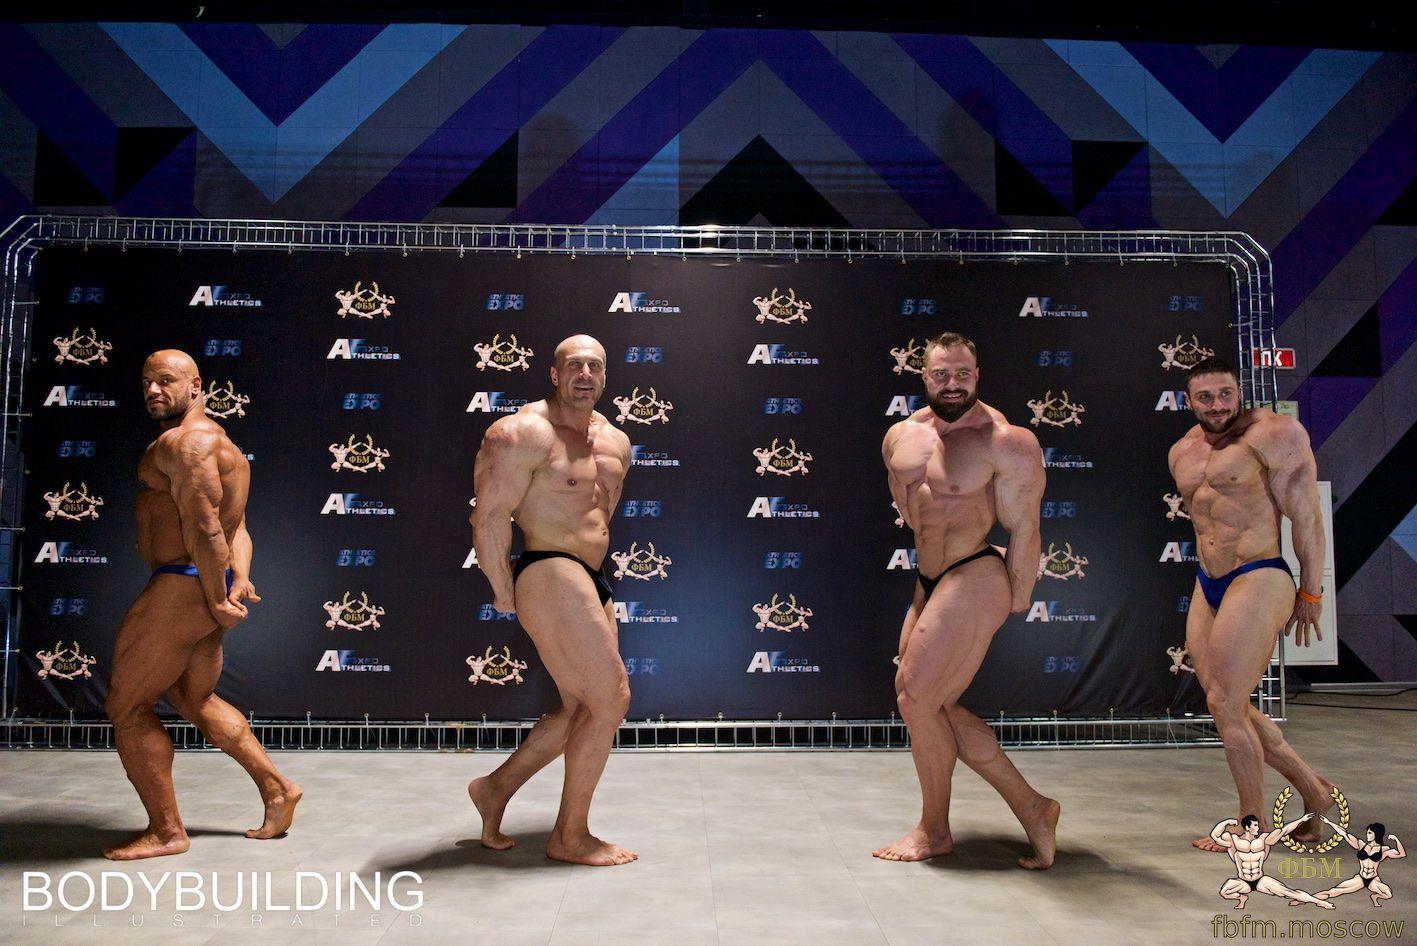 Кубок Москвы по бодибилдингу 2019 - фото с регистрации